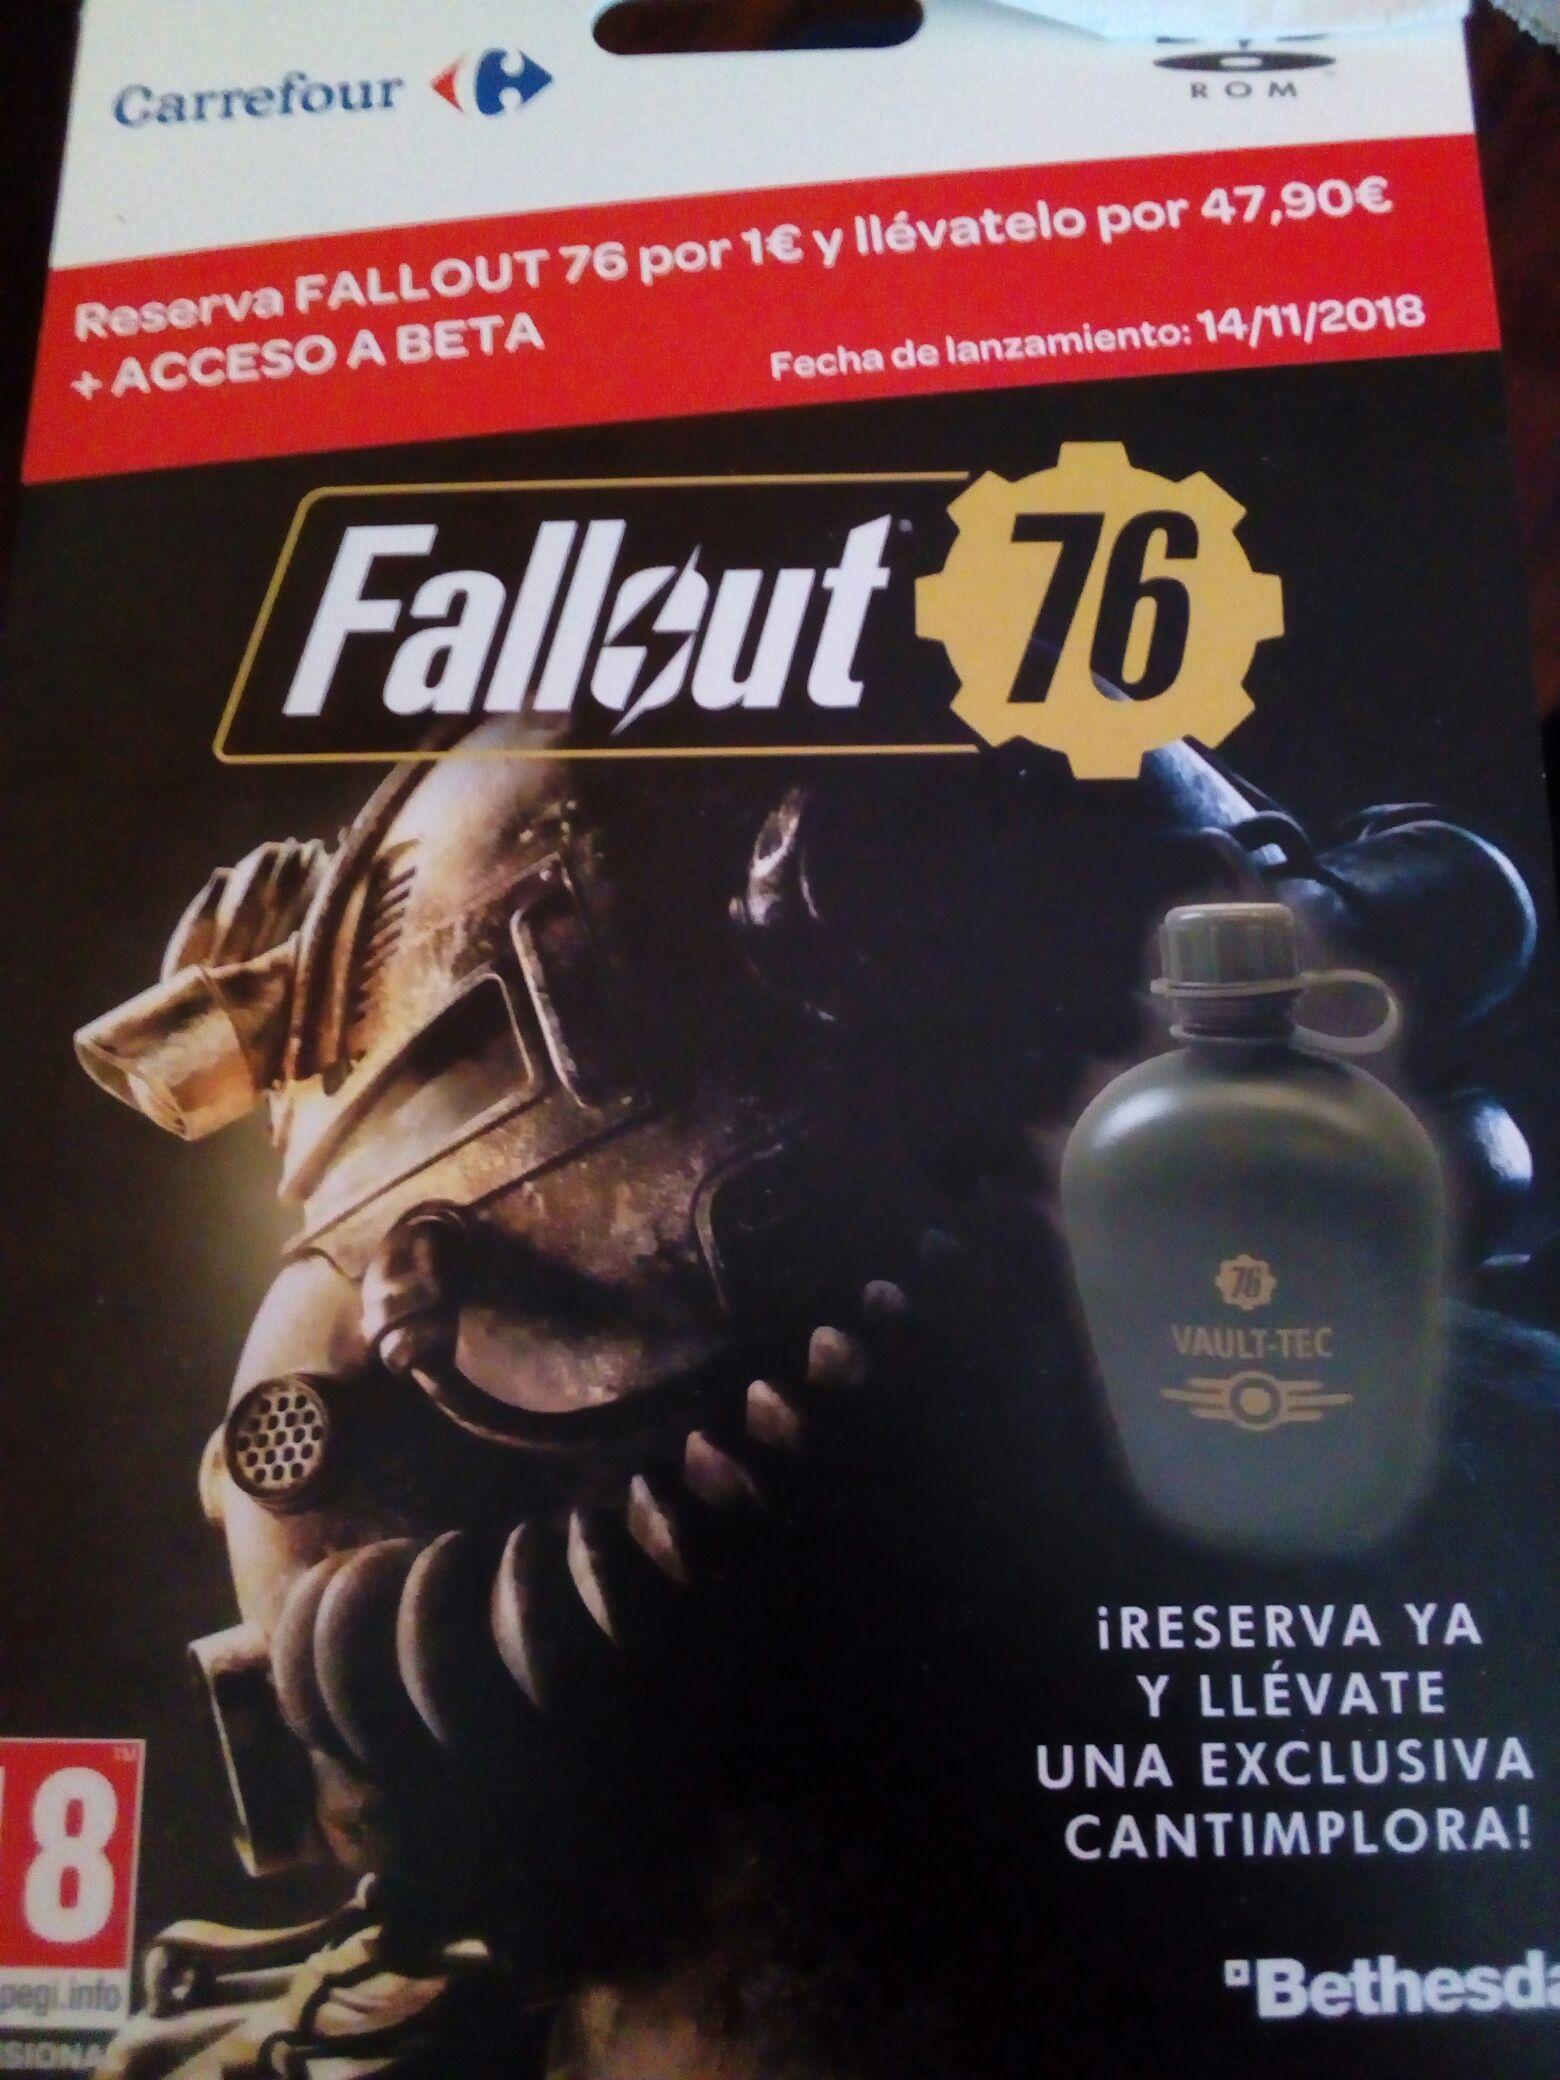 Reserva por 1€ tu Fallout 76 y llévatelo por 47,90